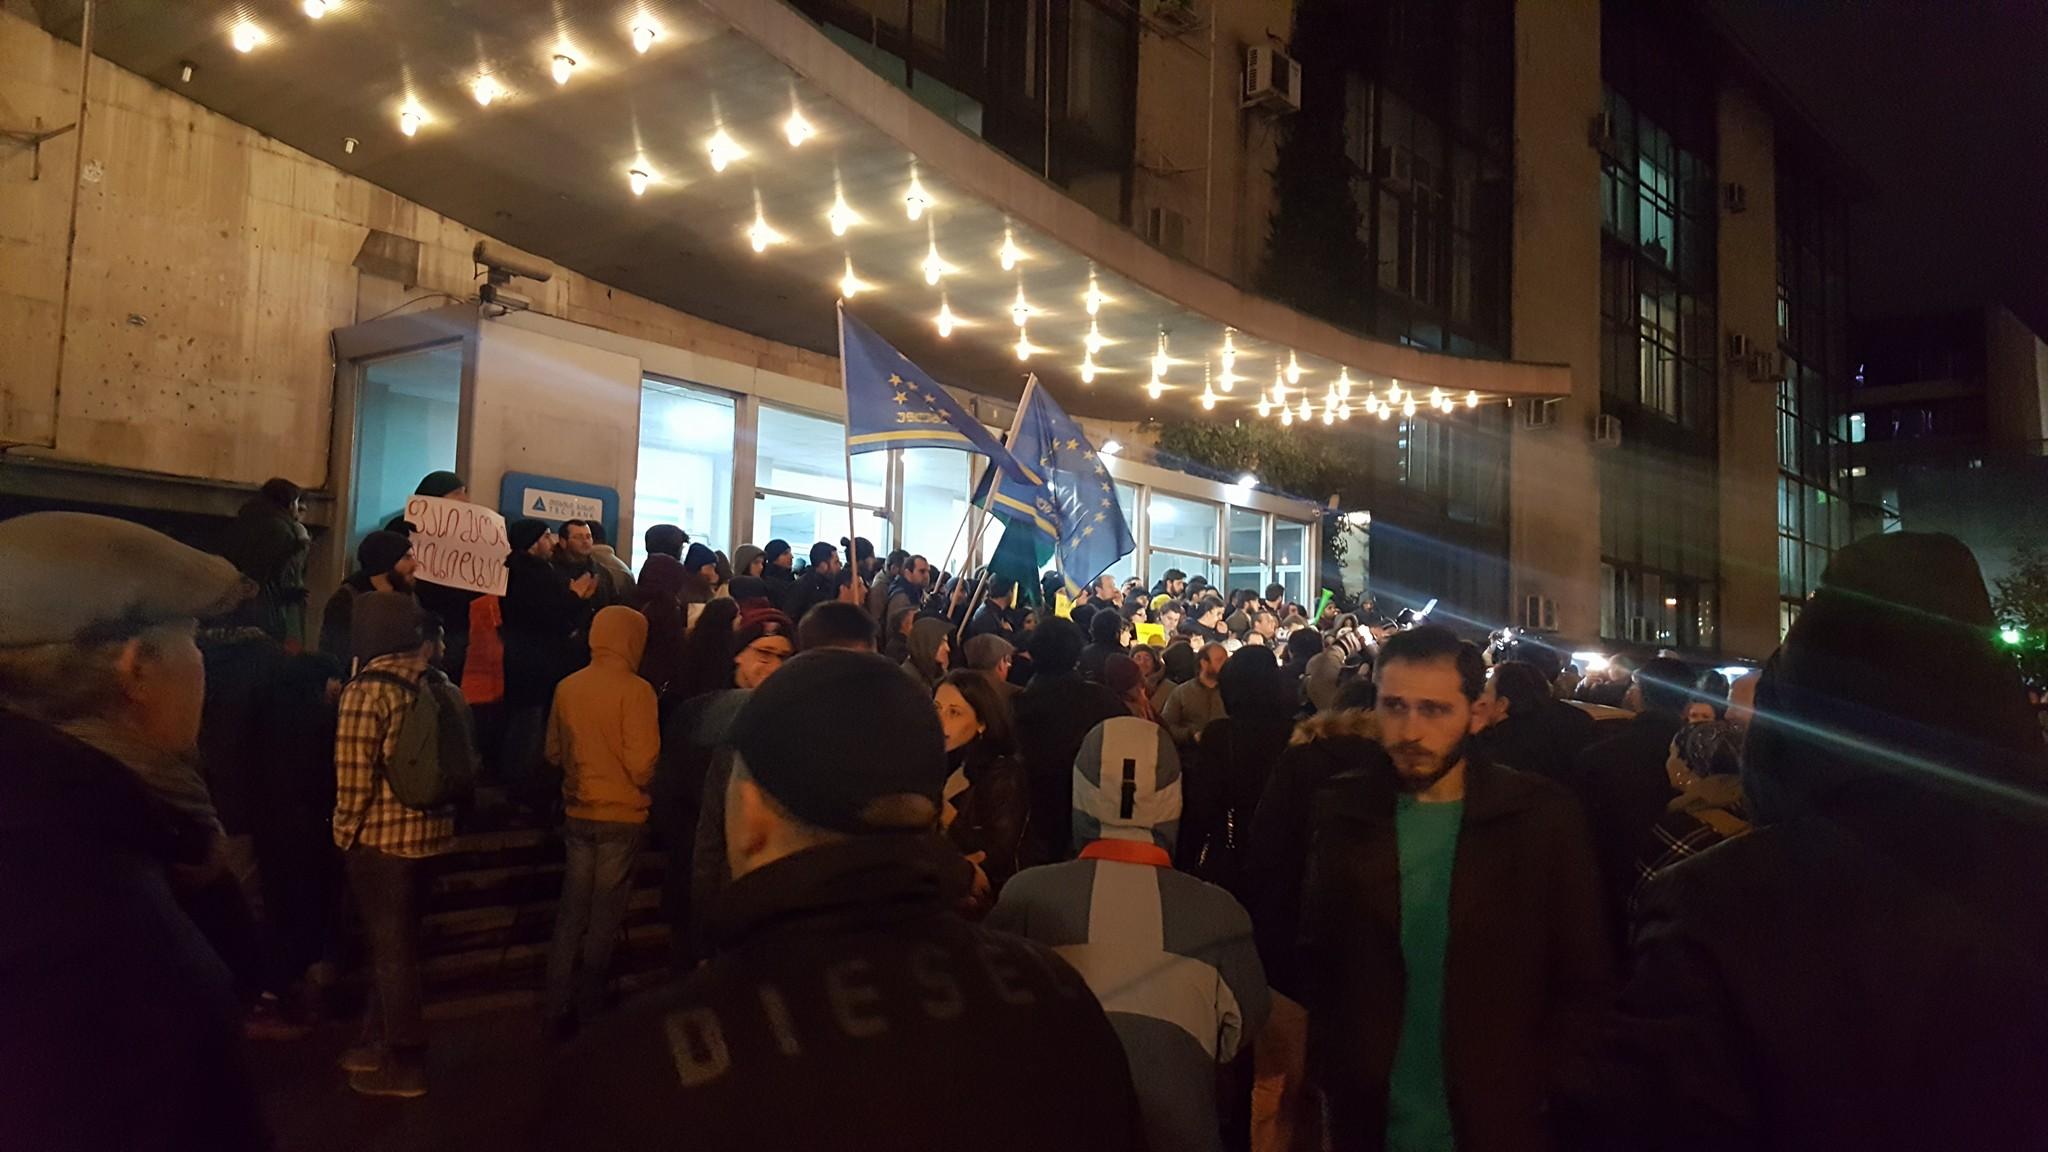 16665701 685656854950138 3684050940167754886 o #новости акция протеста, безработица, Грузия, ОВГ, свобода слова, студенты